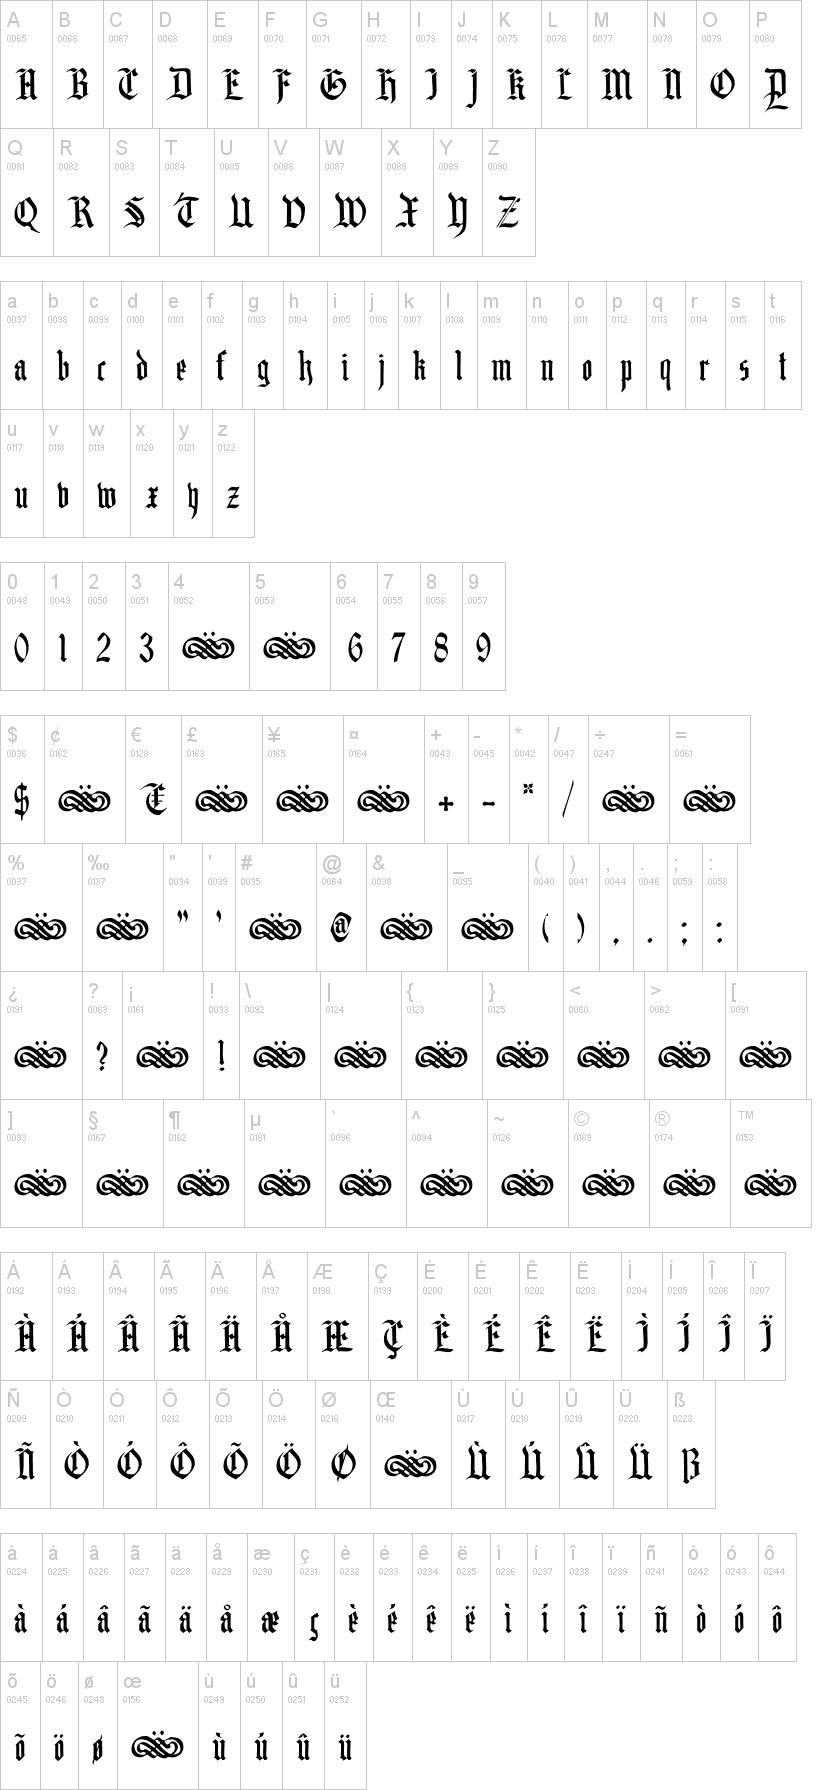 Gothic Font Vk